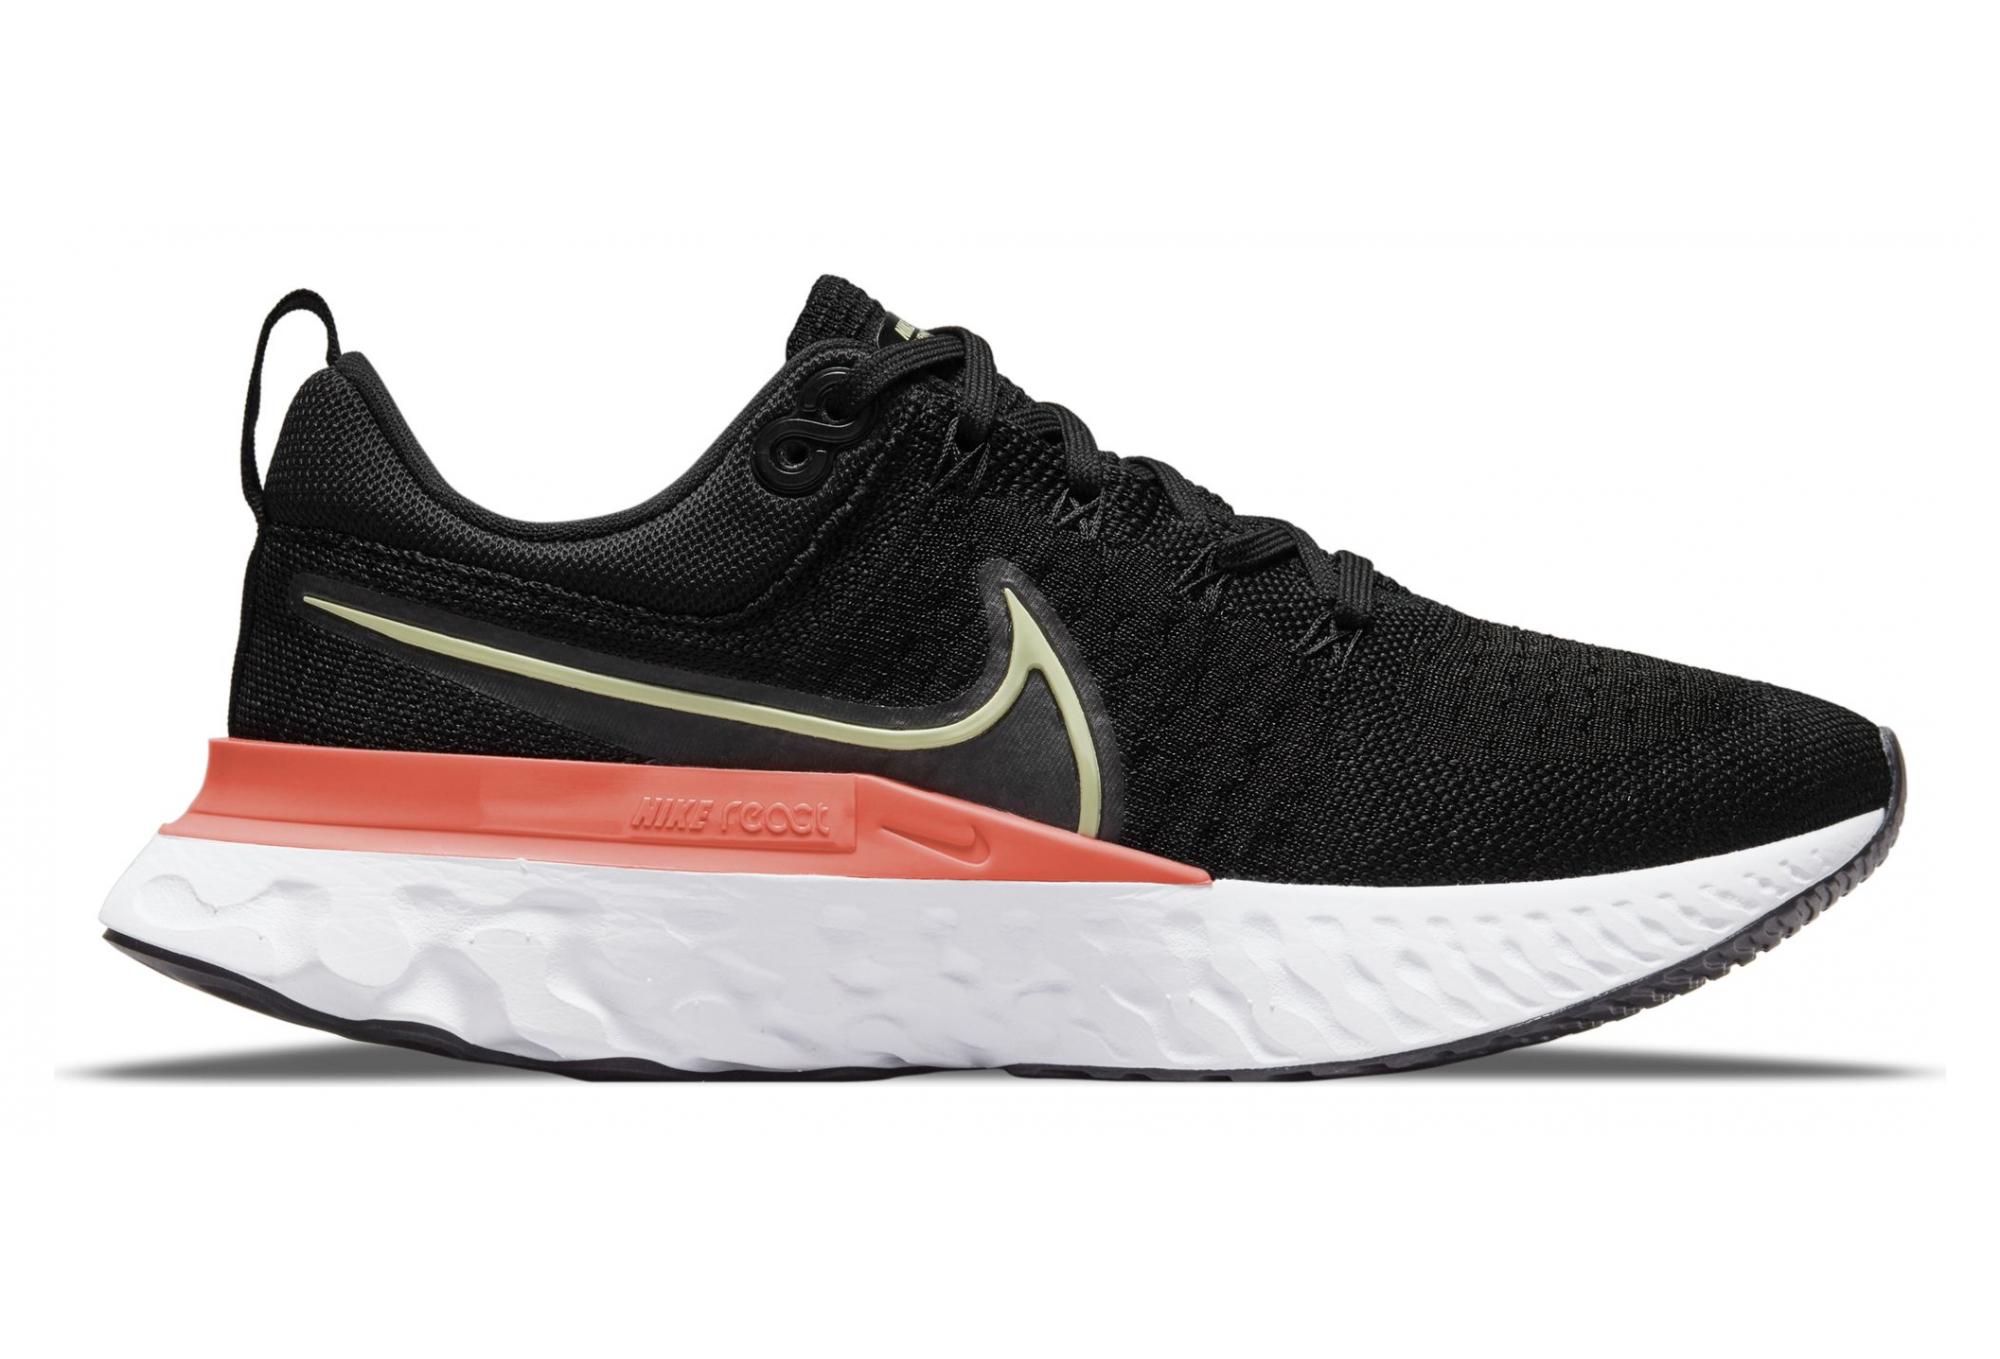 Chaussures de Running Femme Nike React Infinity Run Flyknit 2 Noir / Rose